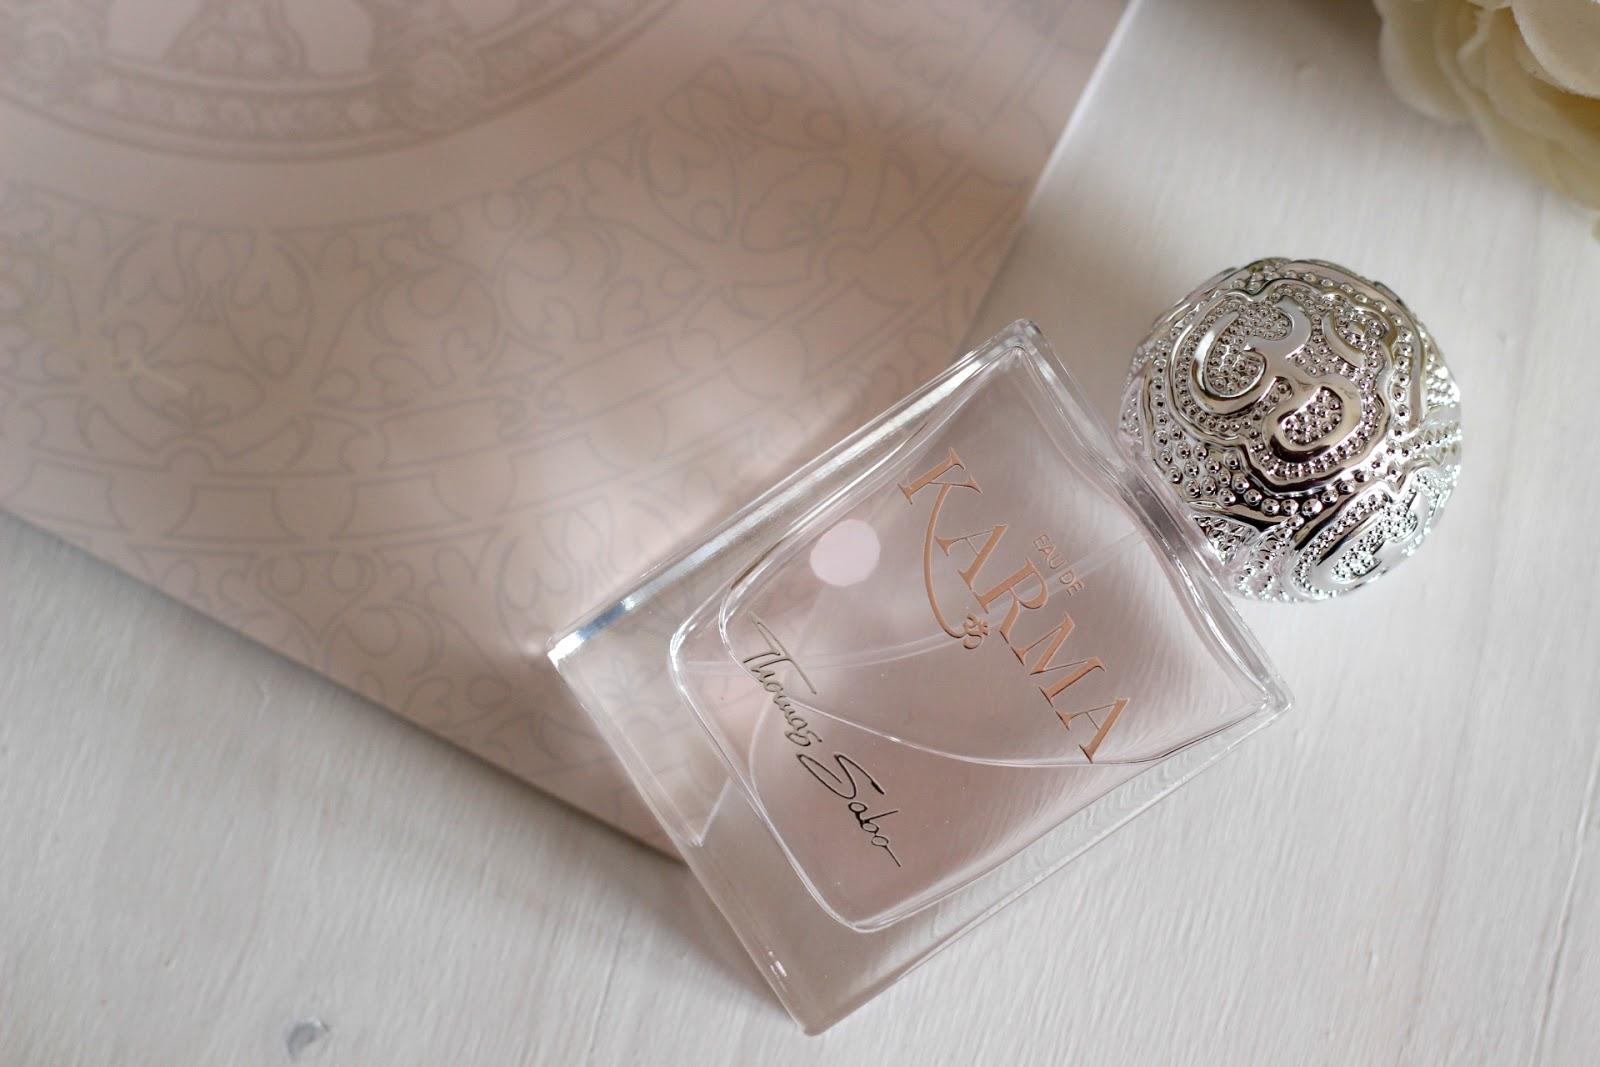 Thomas Sabo Karma Perfume